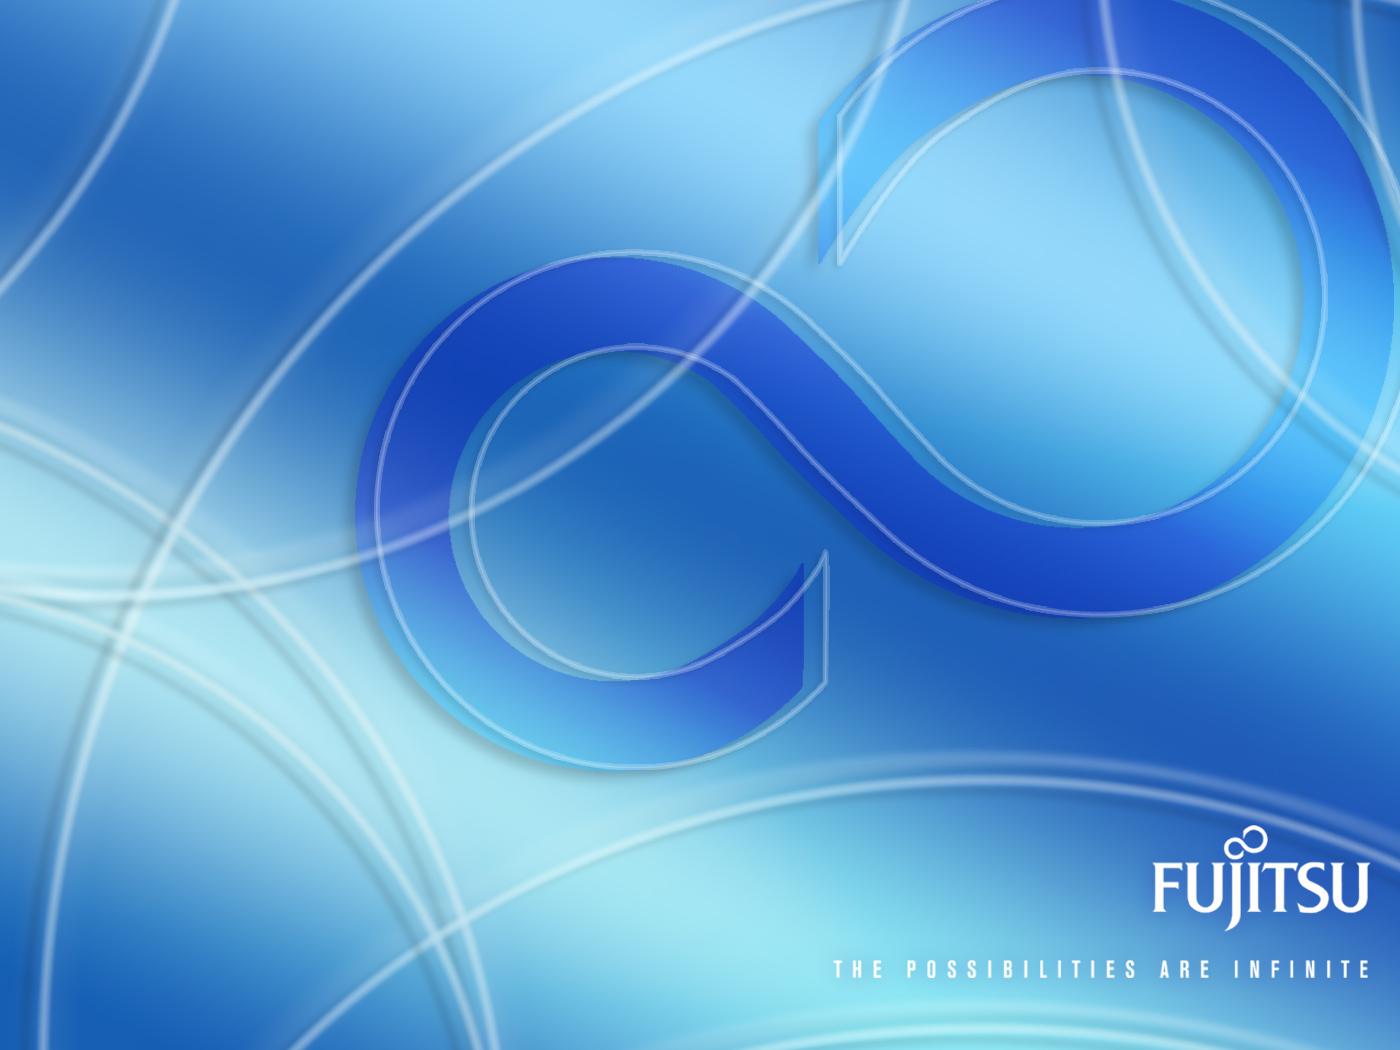 Fujitsu 1400x1050